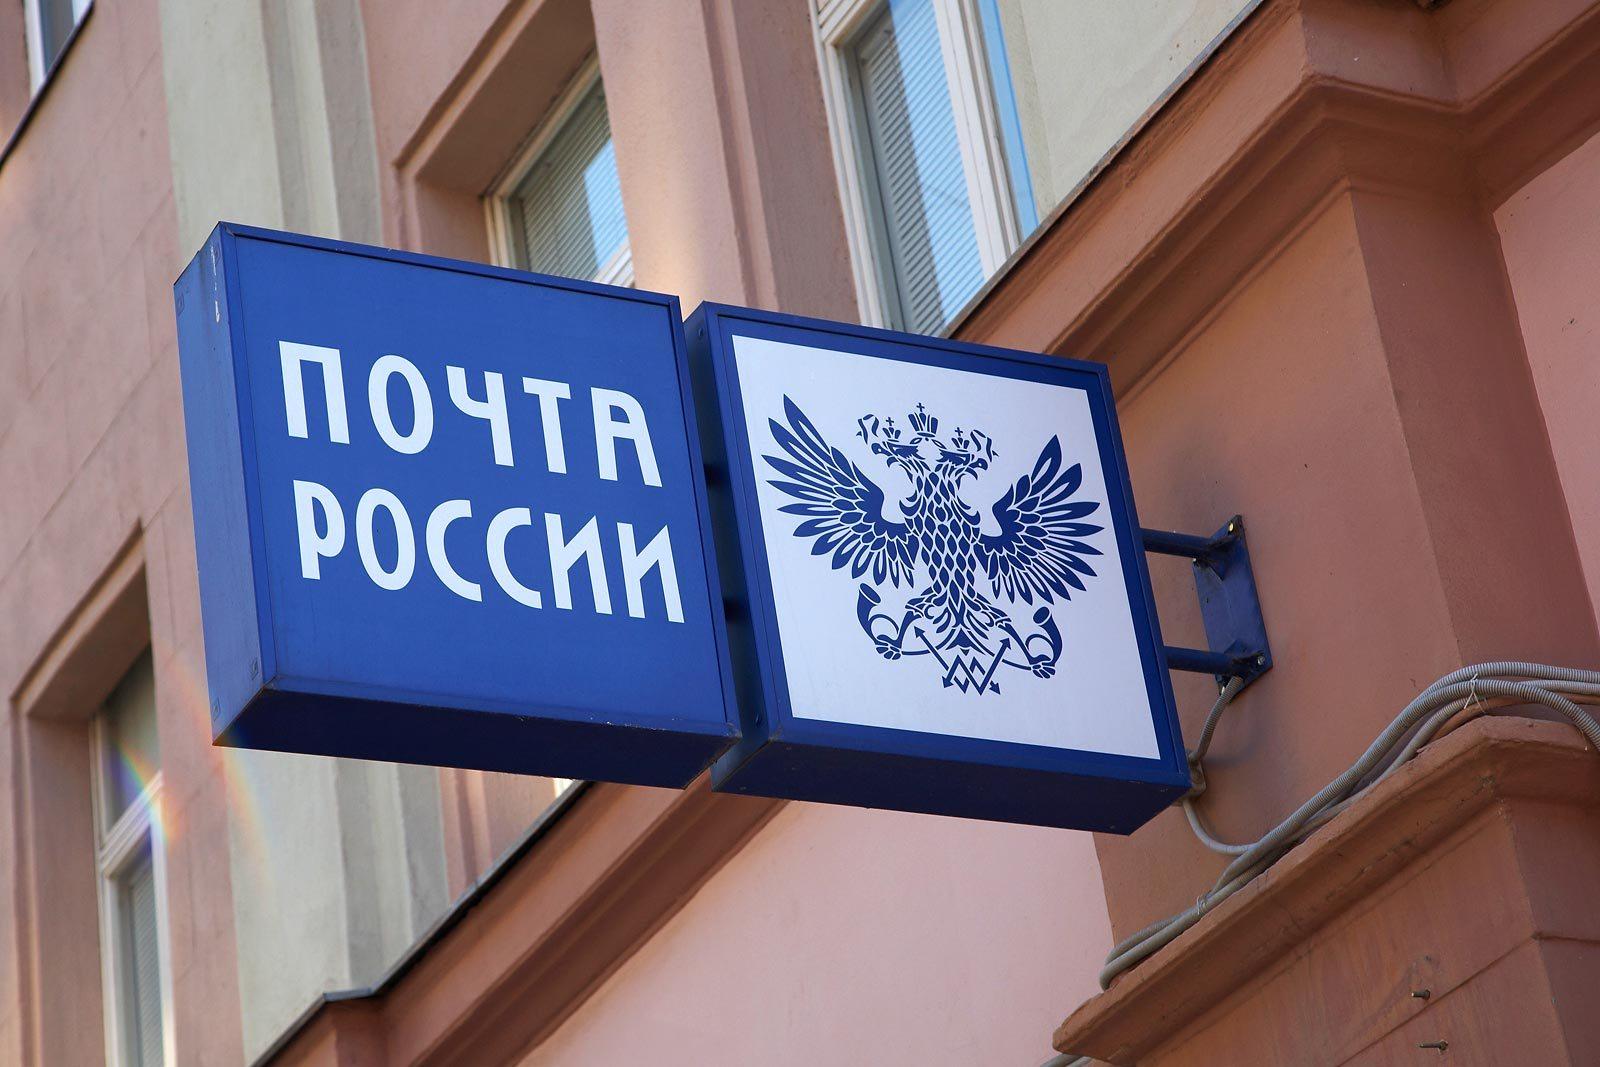 Временная регистрация на почте для иностранных граждан